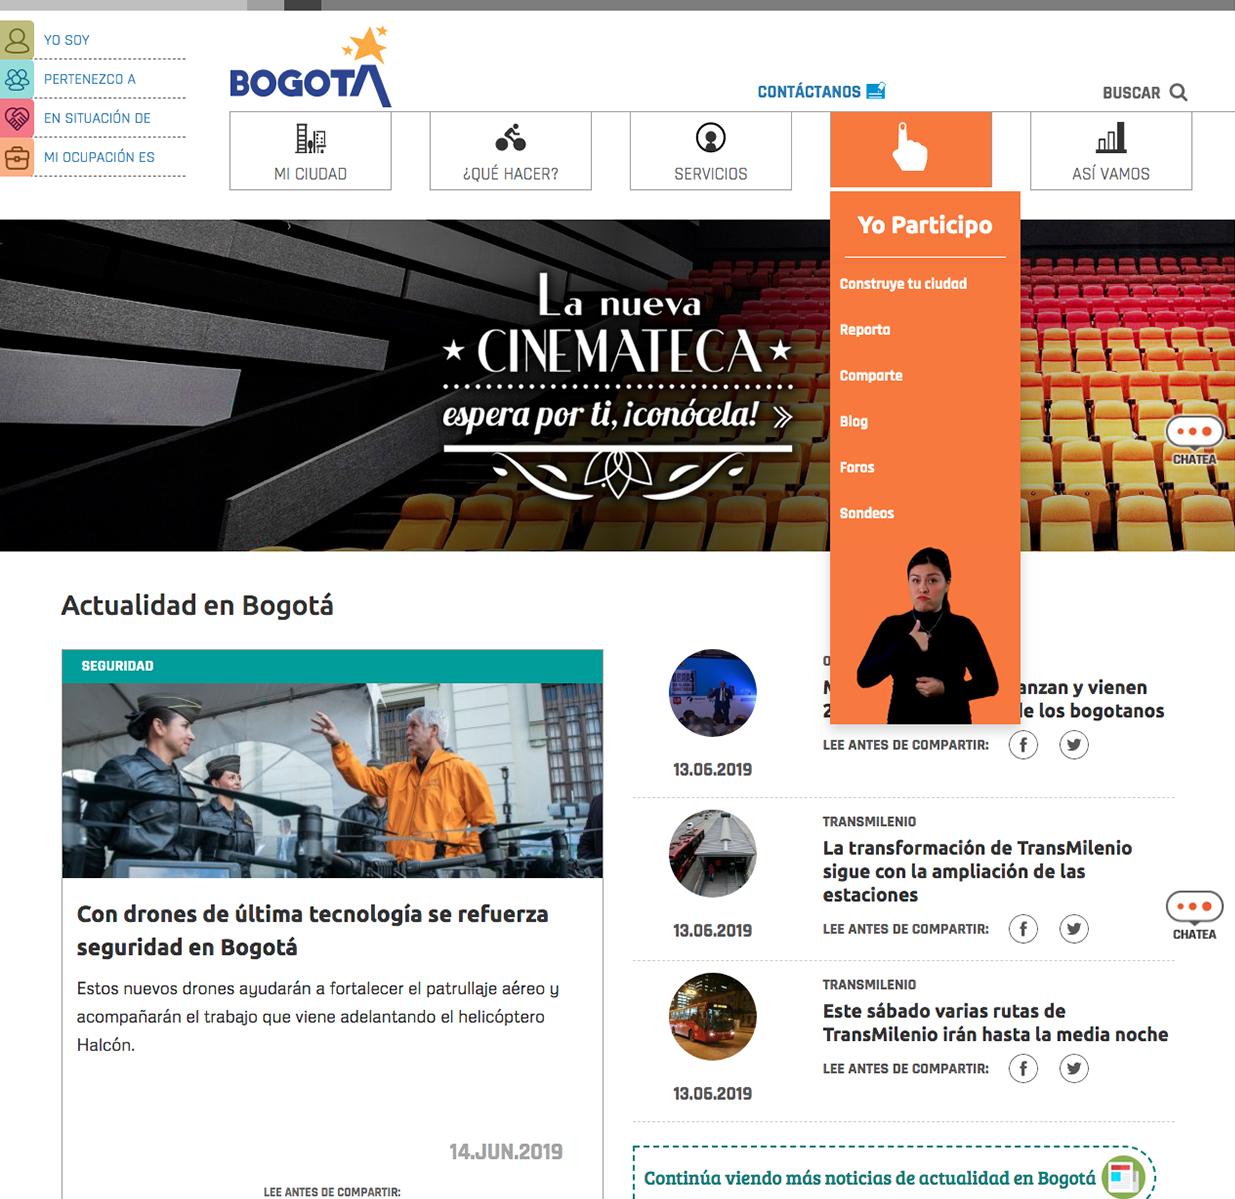 Bogota's city official website image